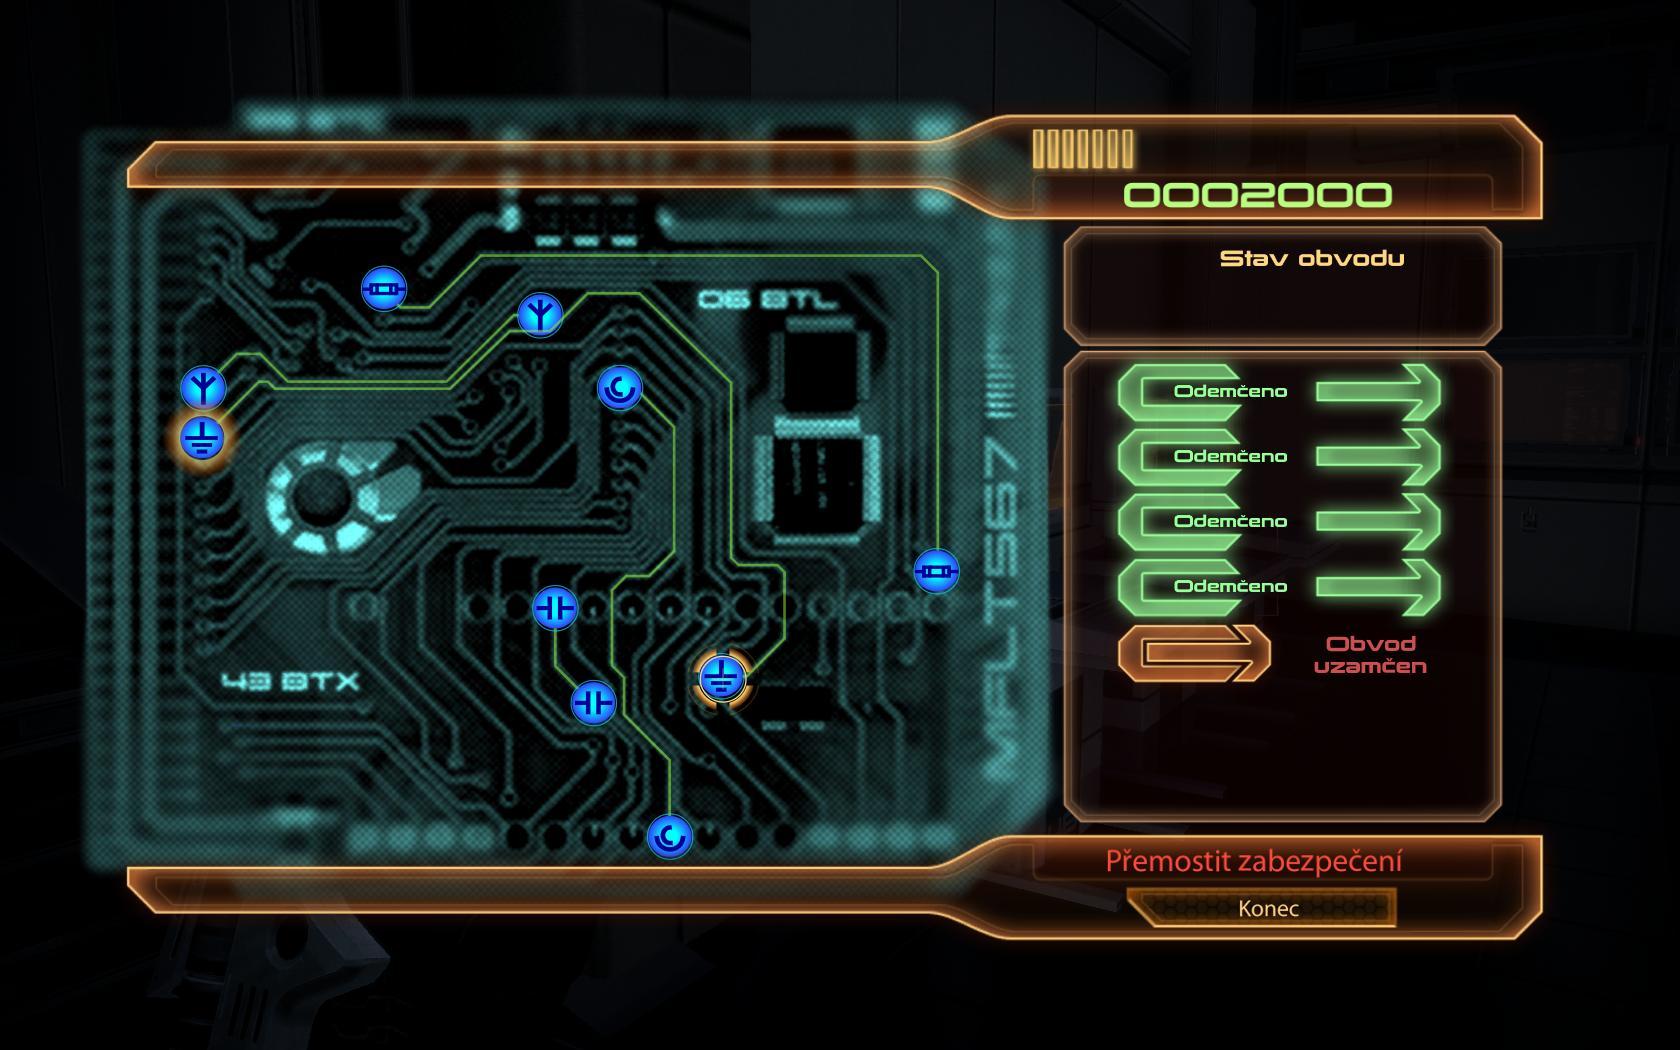 Recenze Mass Effect 2 - RPG snů? 9371